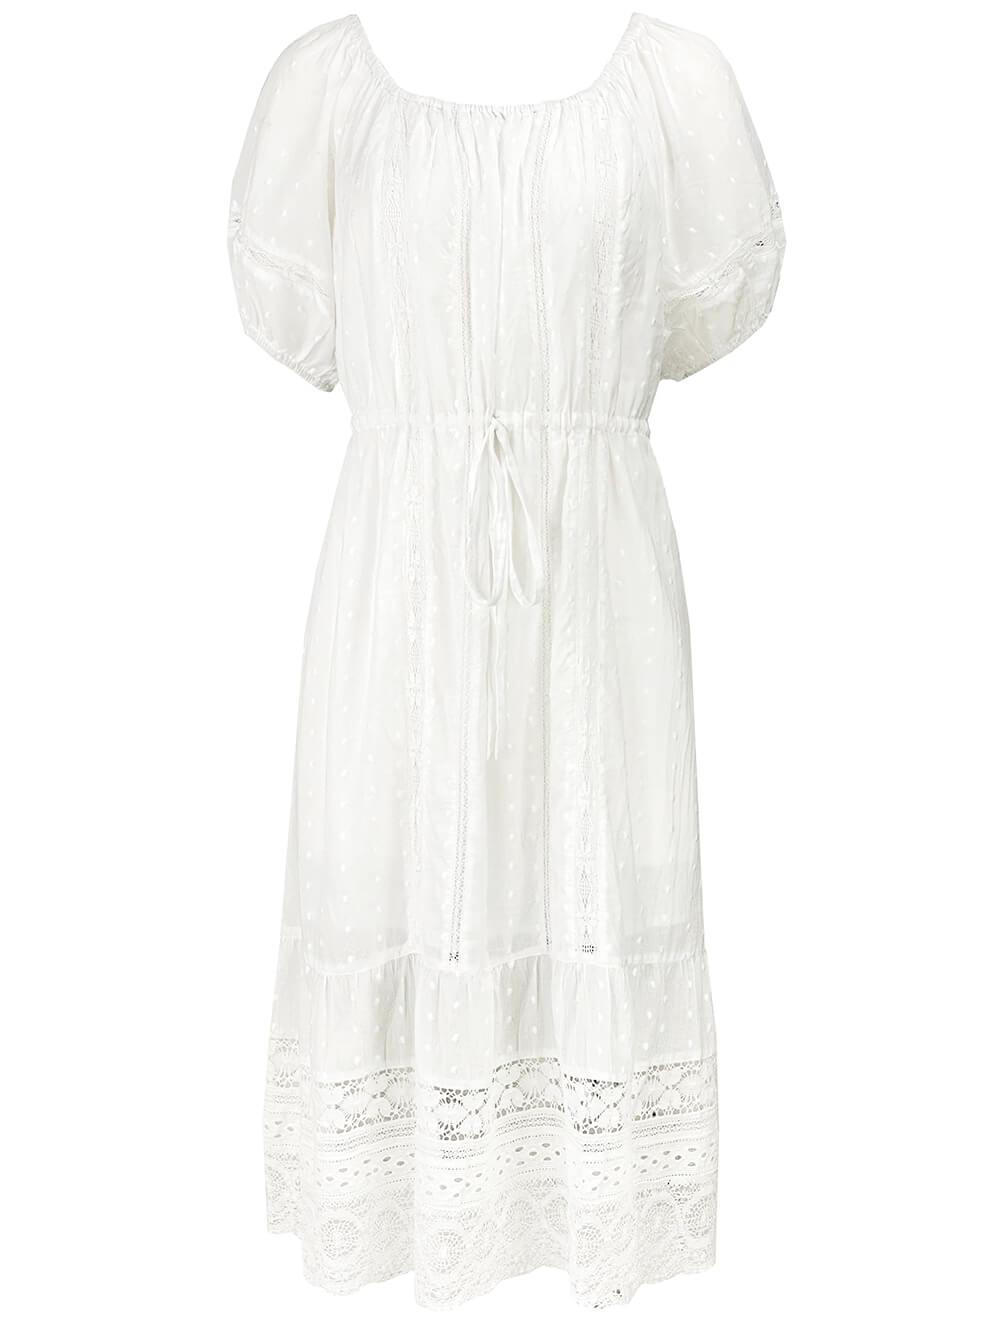 Adalyn Peasant Dress